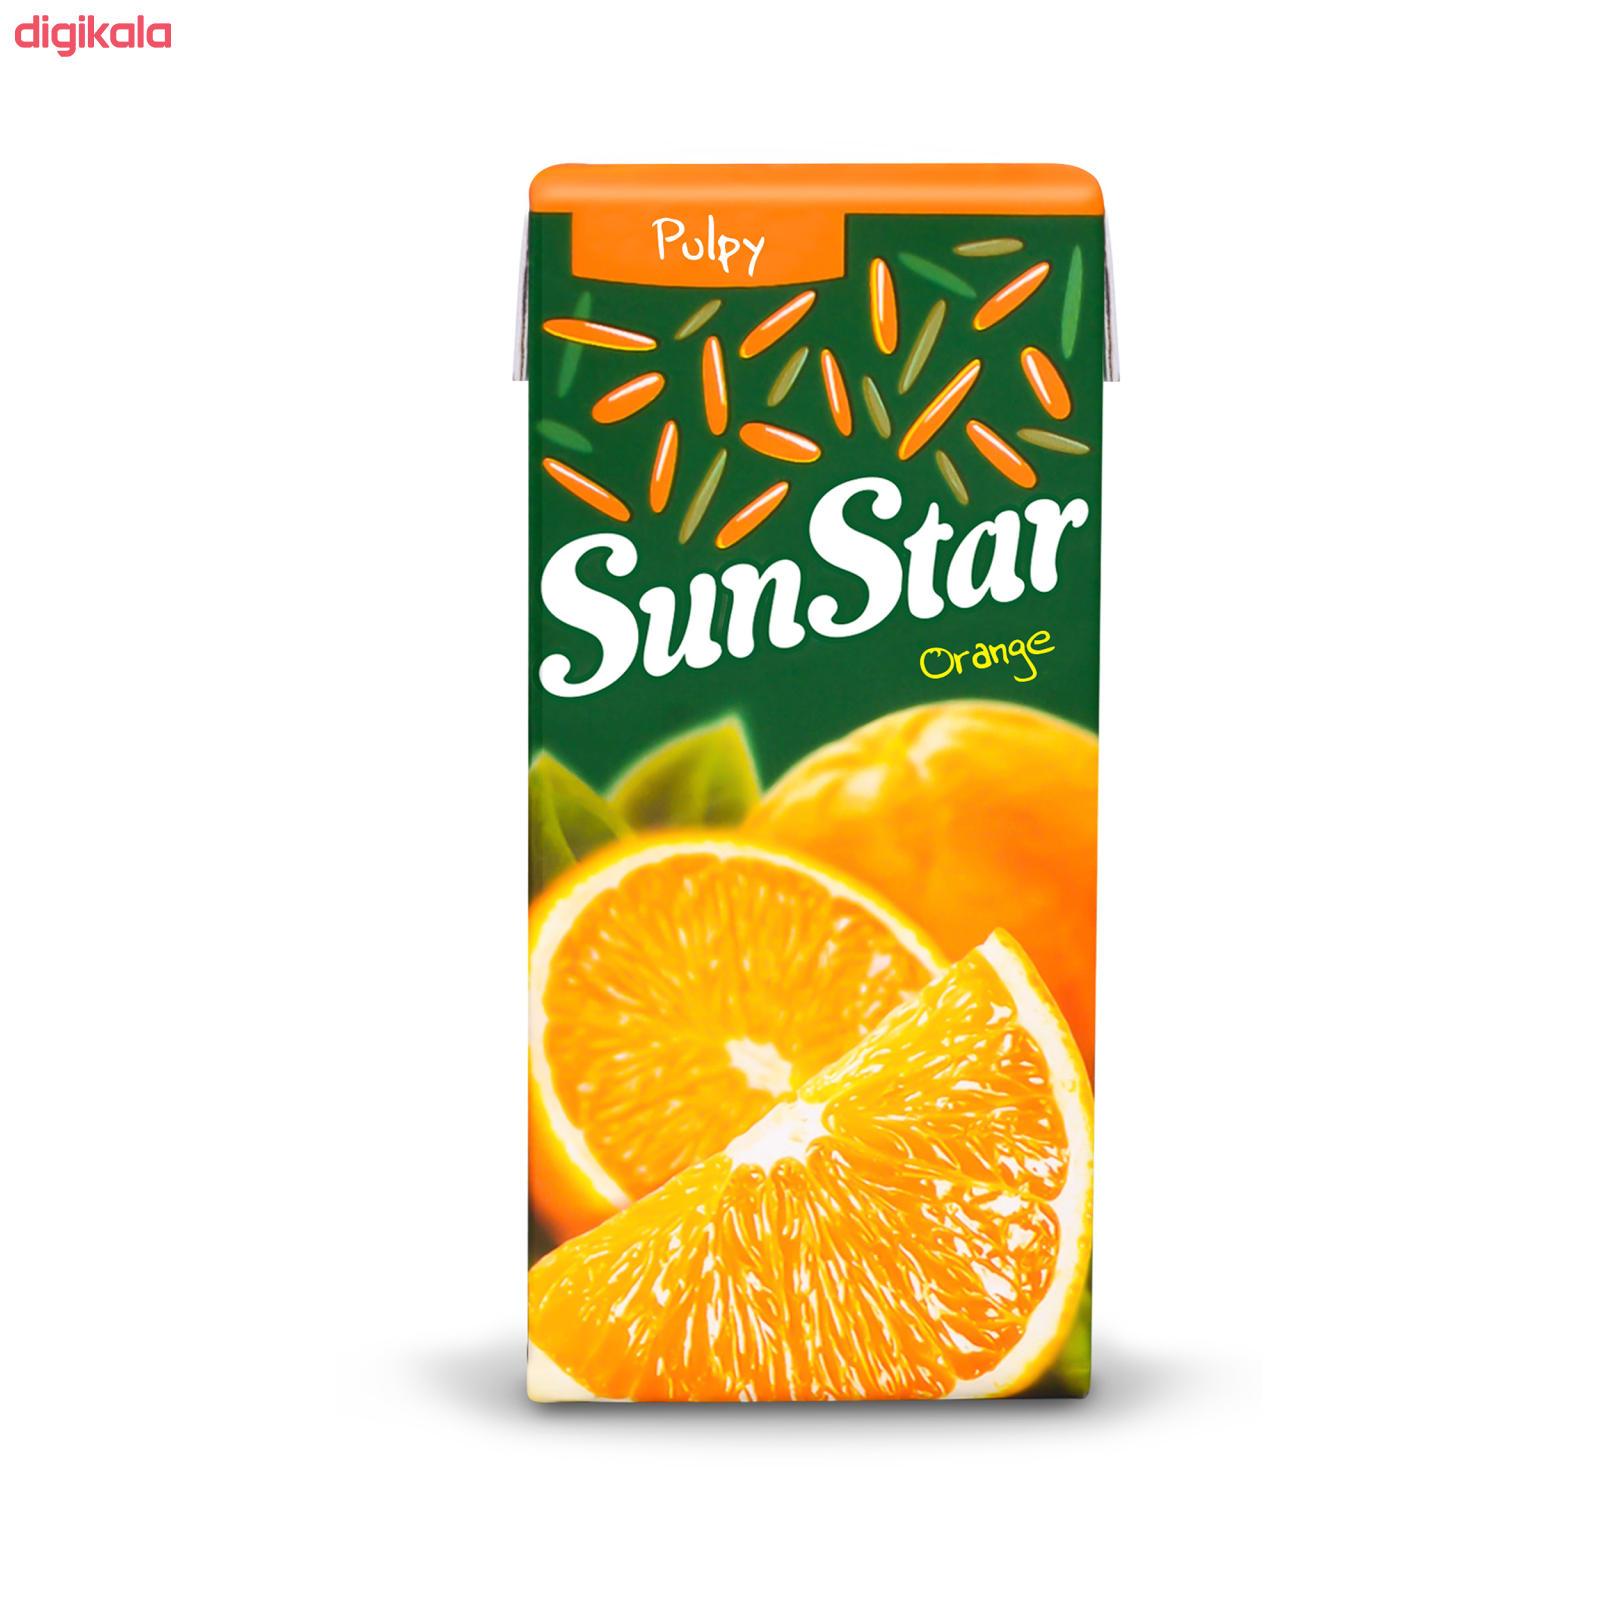 نوشیدنی پالپ دار پرتقال سان استار حجم 0.2 لیتر main 1 3